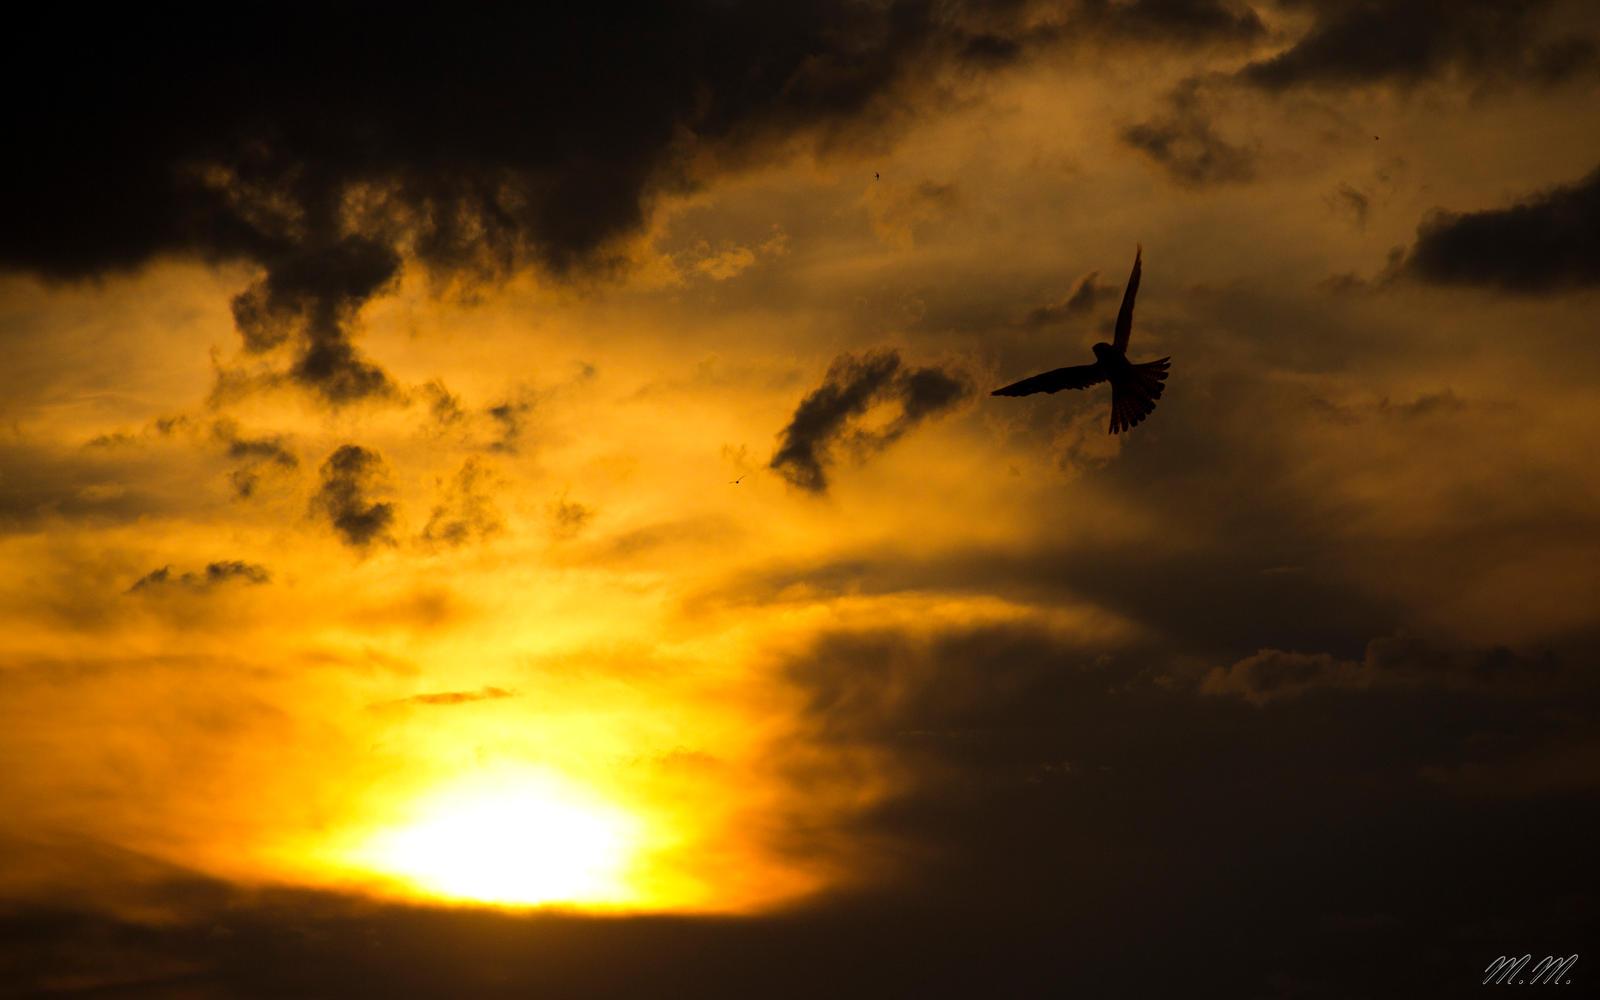 Bird enjoying Sunset by PanMari